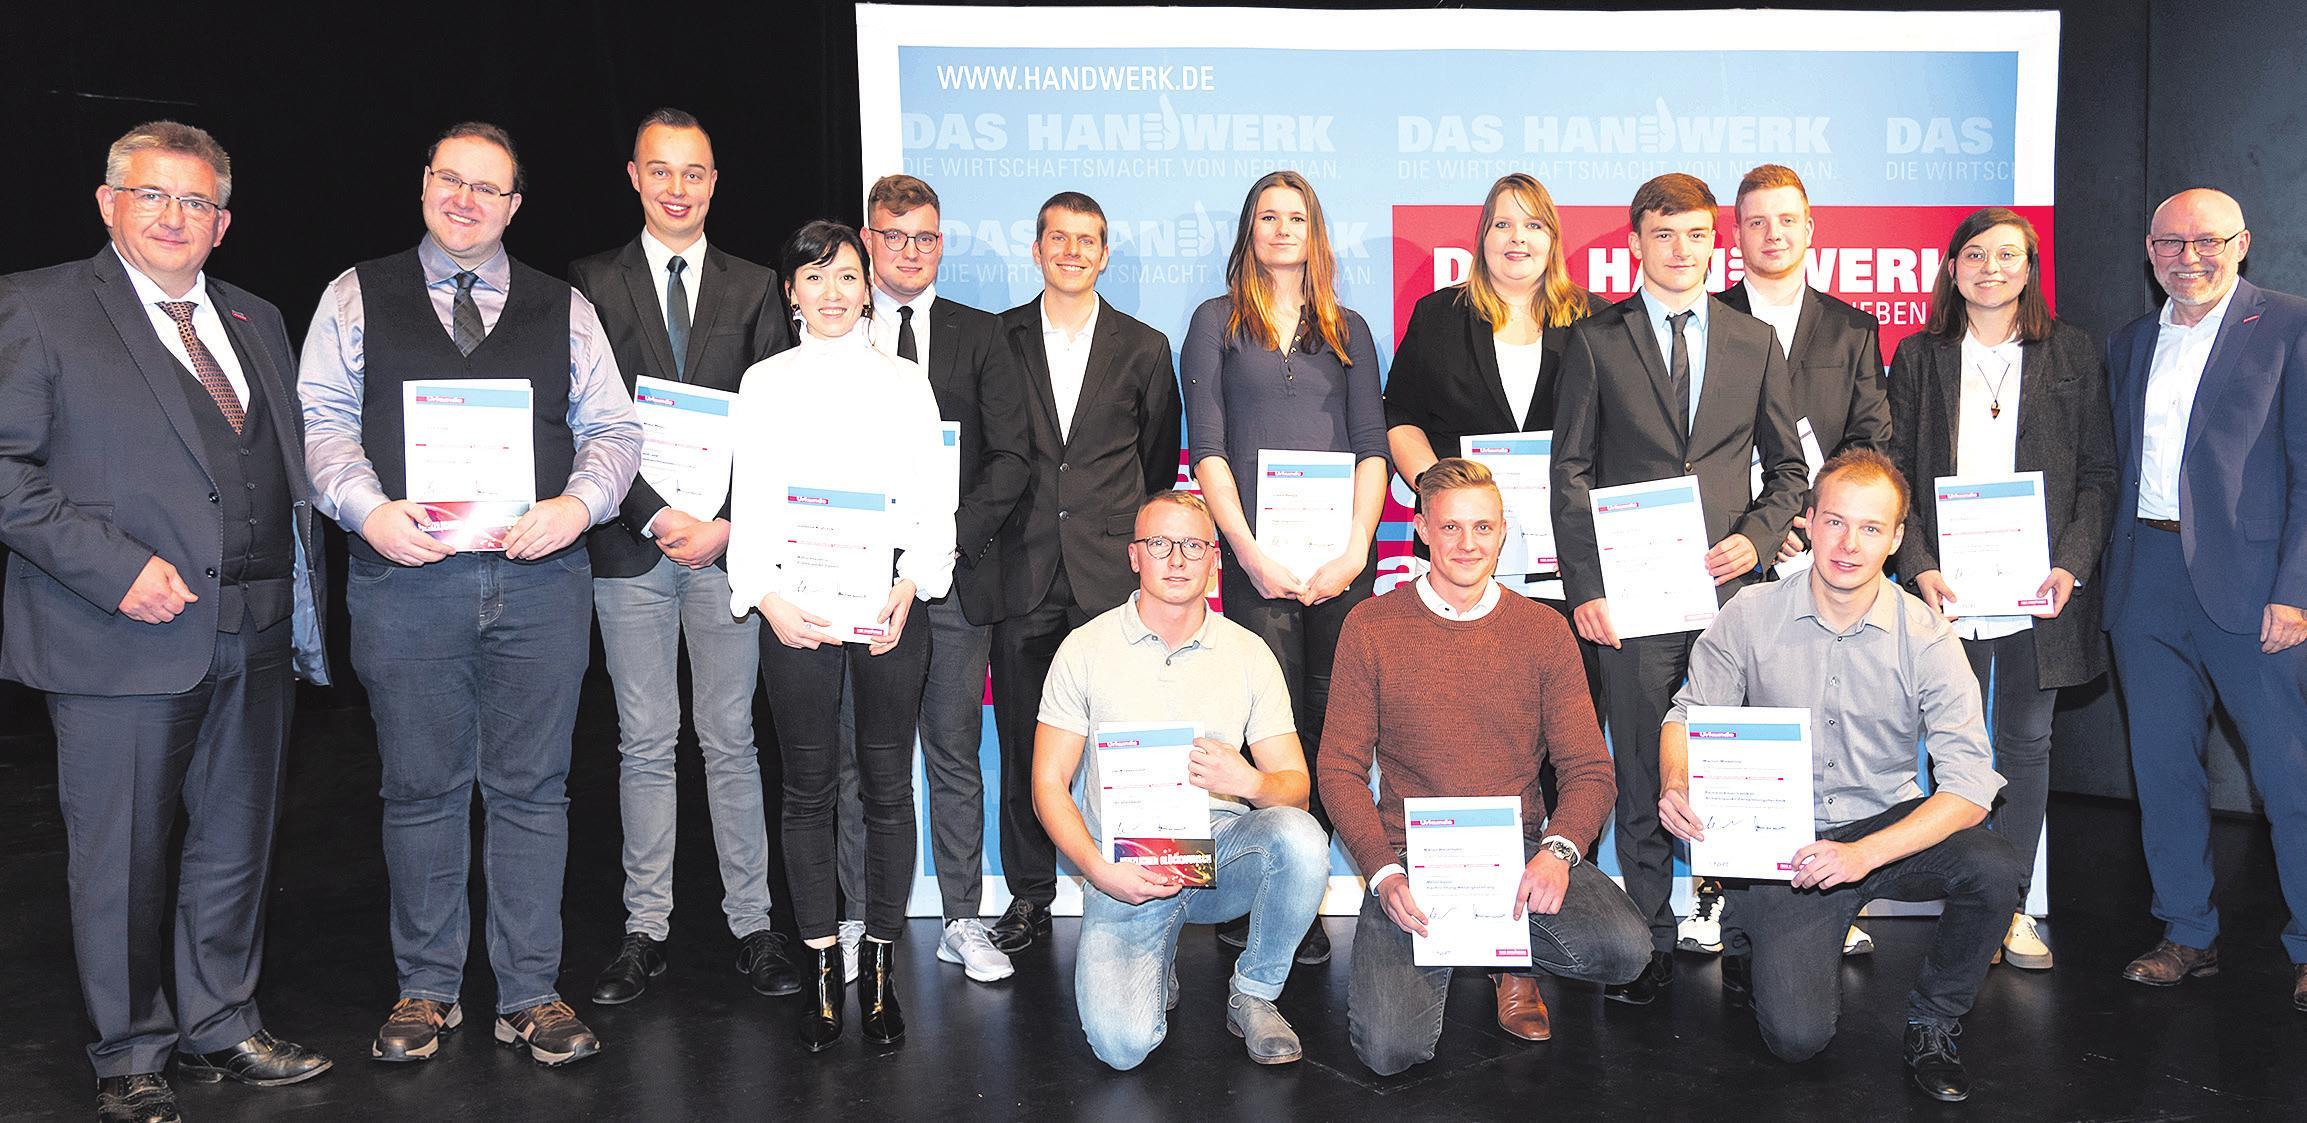 Die niedersächsischen Landessieger mit dem Kammerpräsidenten Detlef Bade (links) und dem Hauptgeschäftsführer Eckhard Sudmeyer (rechts). Foto: Lena Schöning Fotografie, Uetze